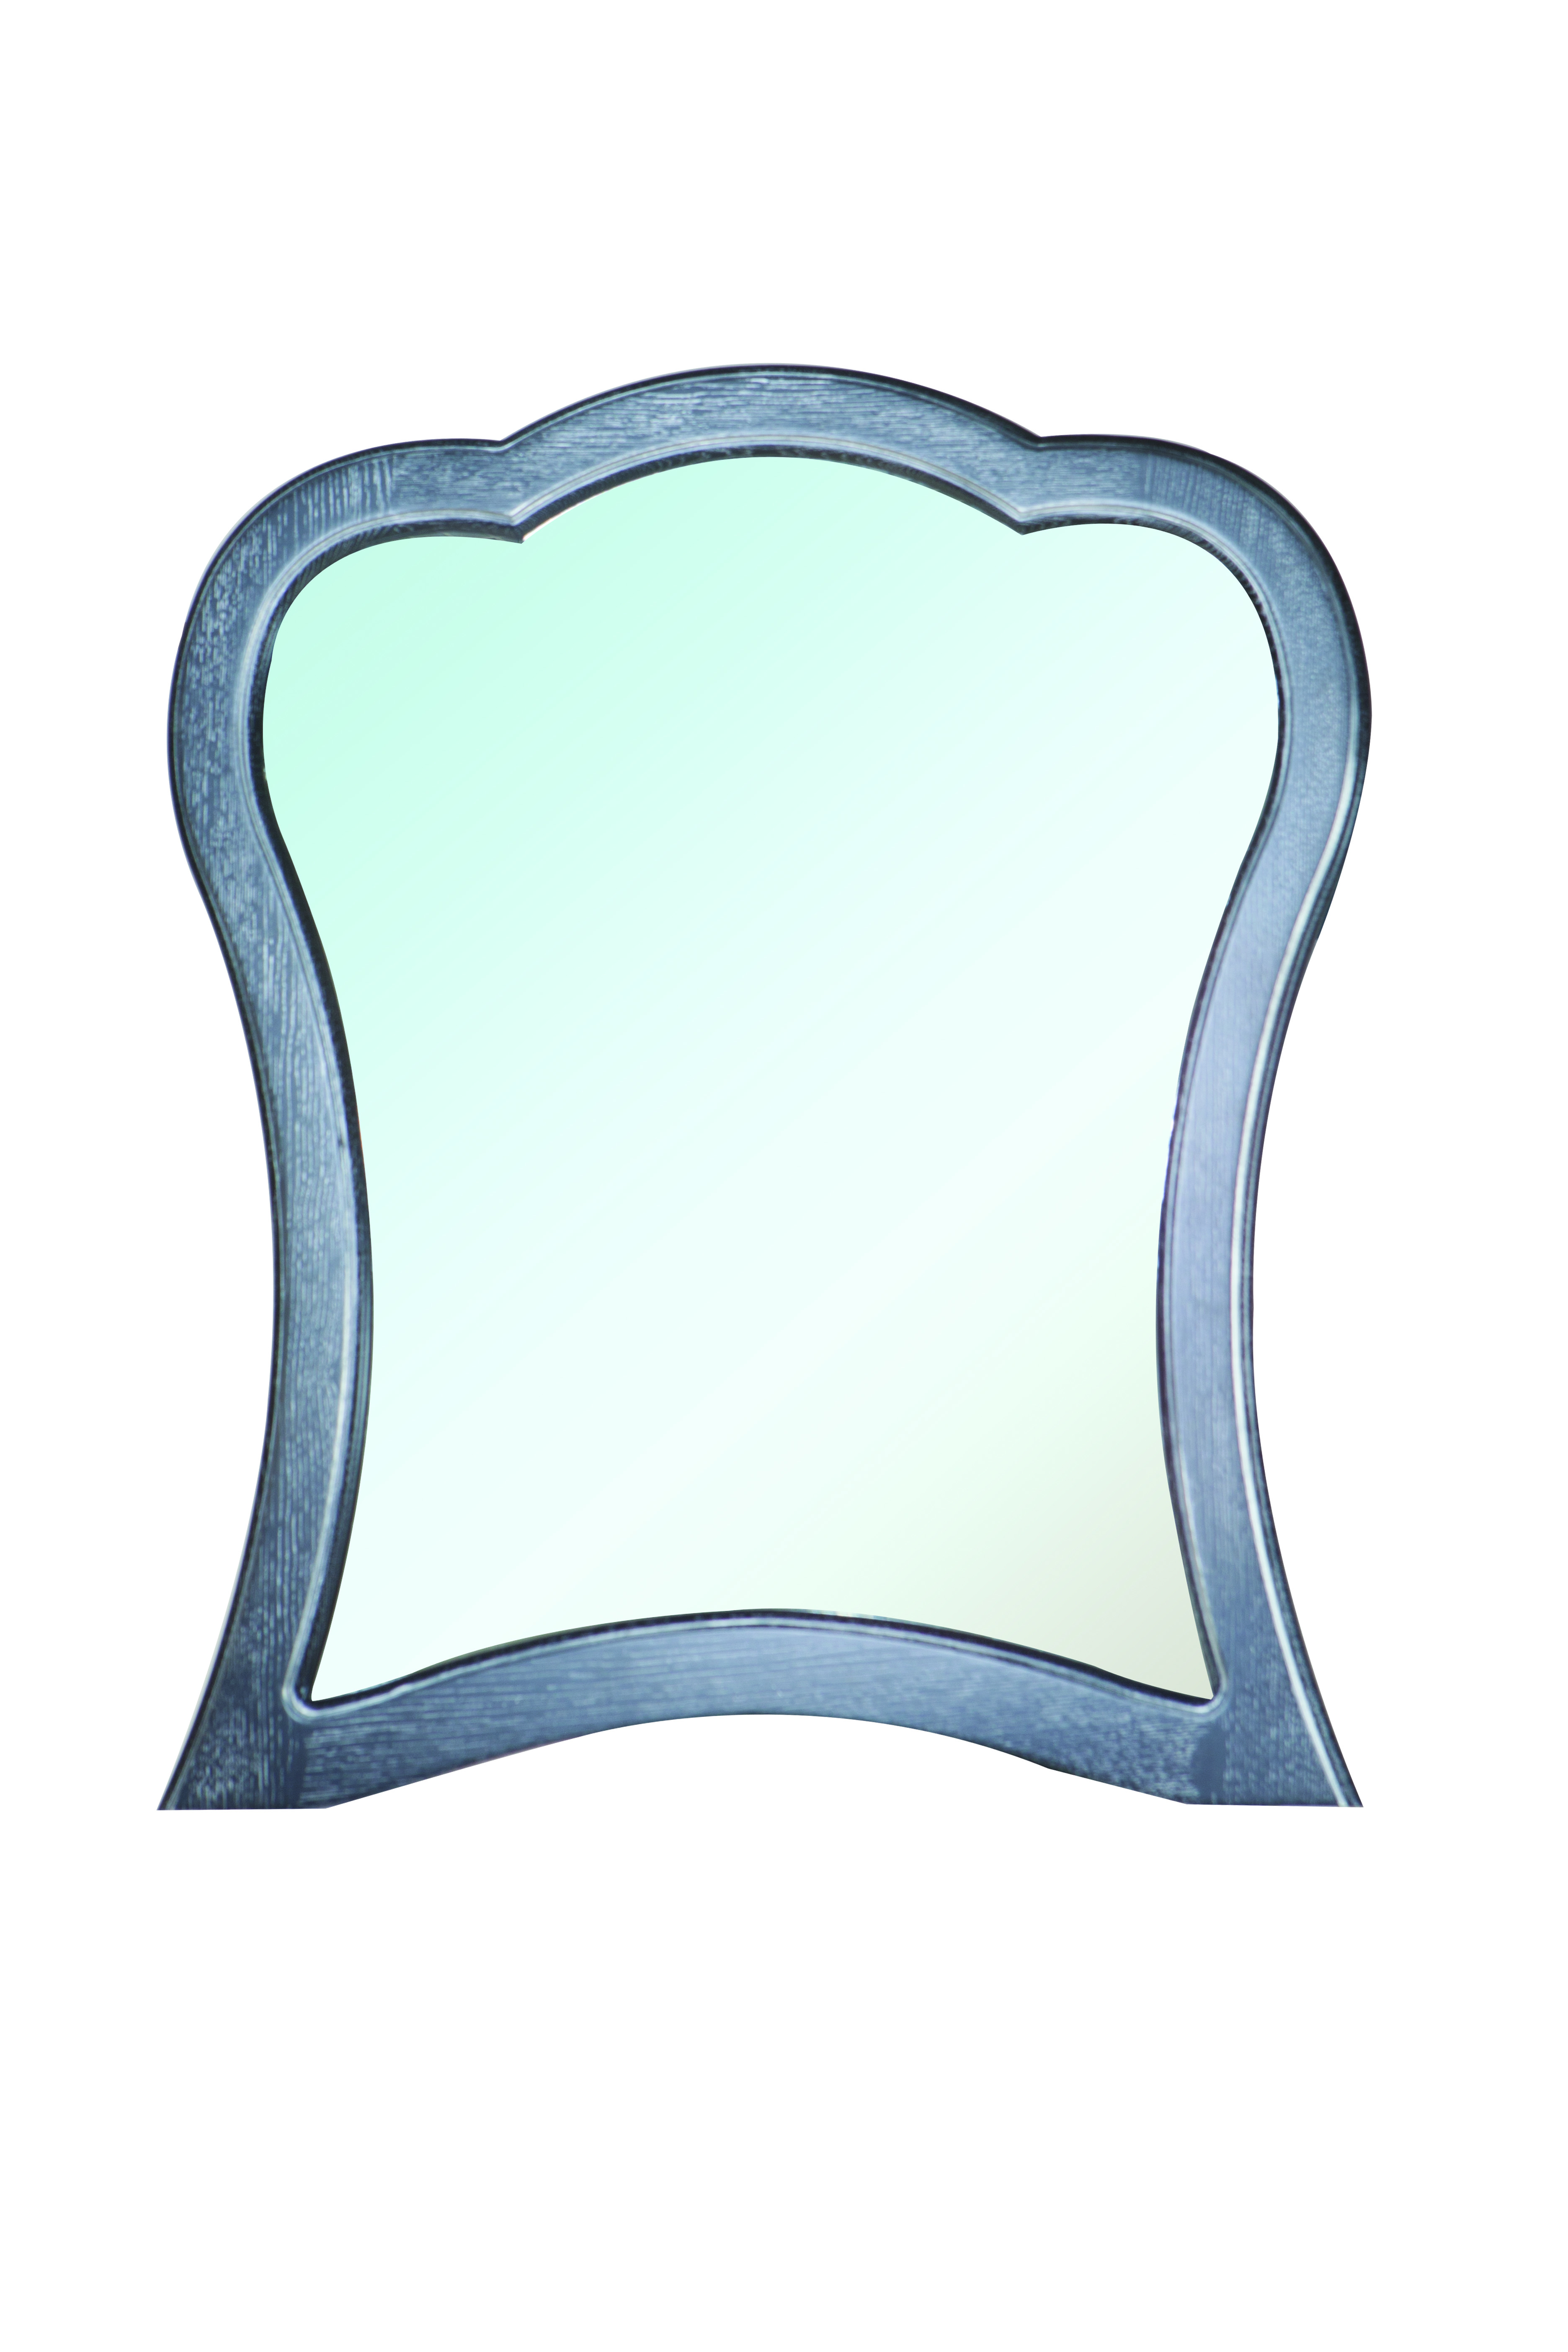 ГрацияЛюксЧерный-зеркало